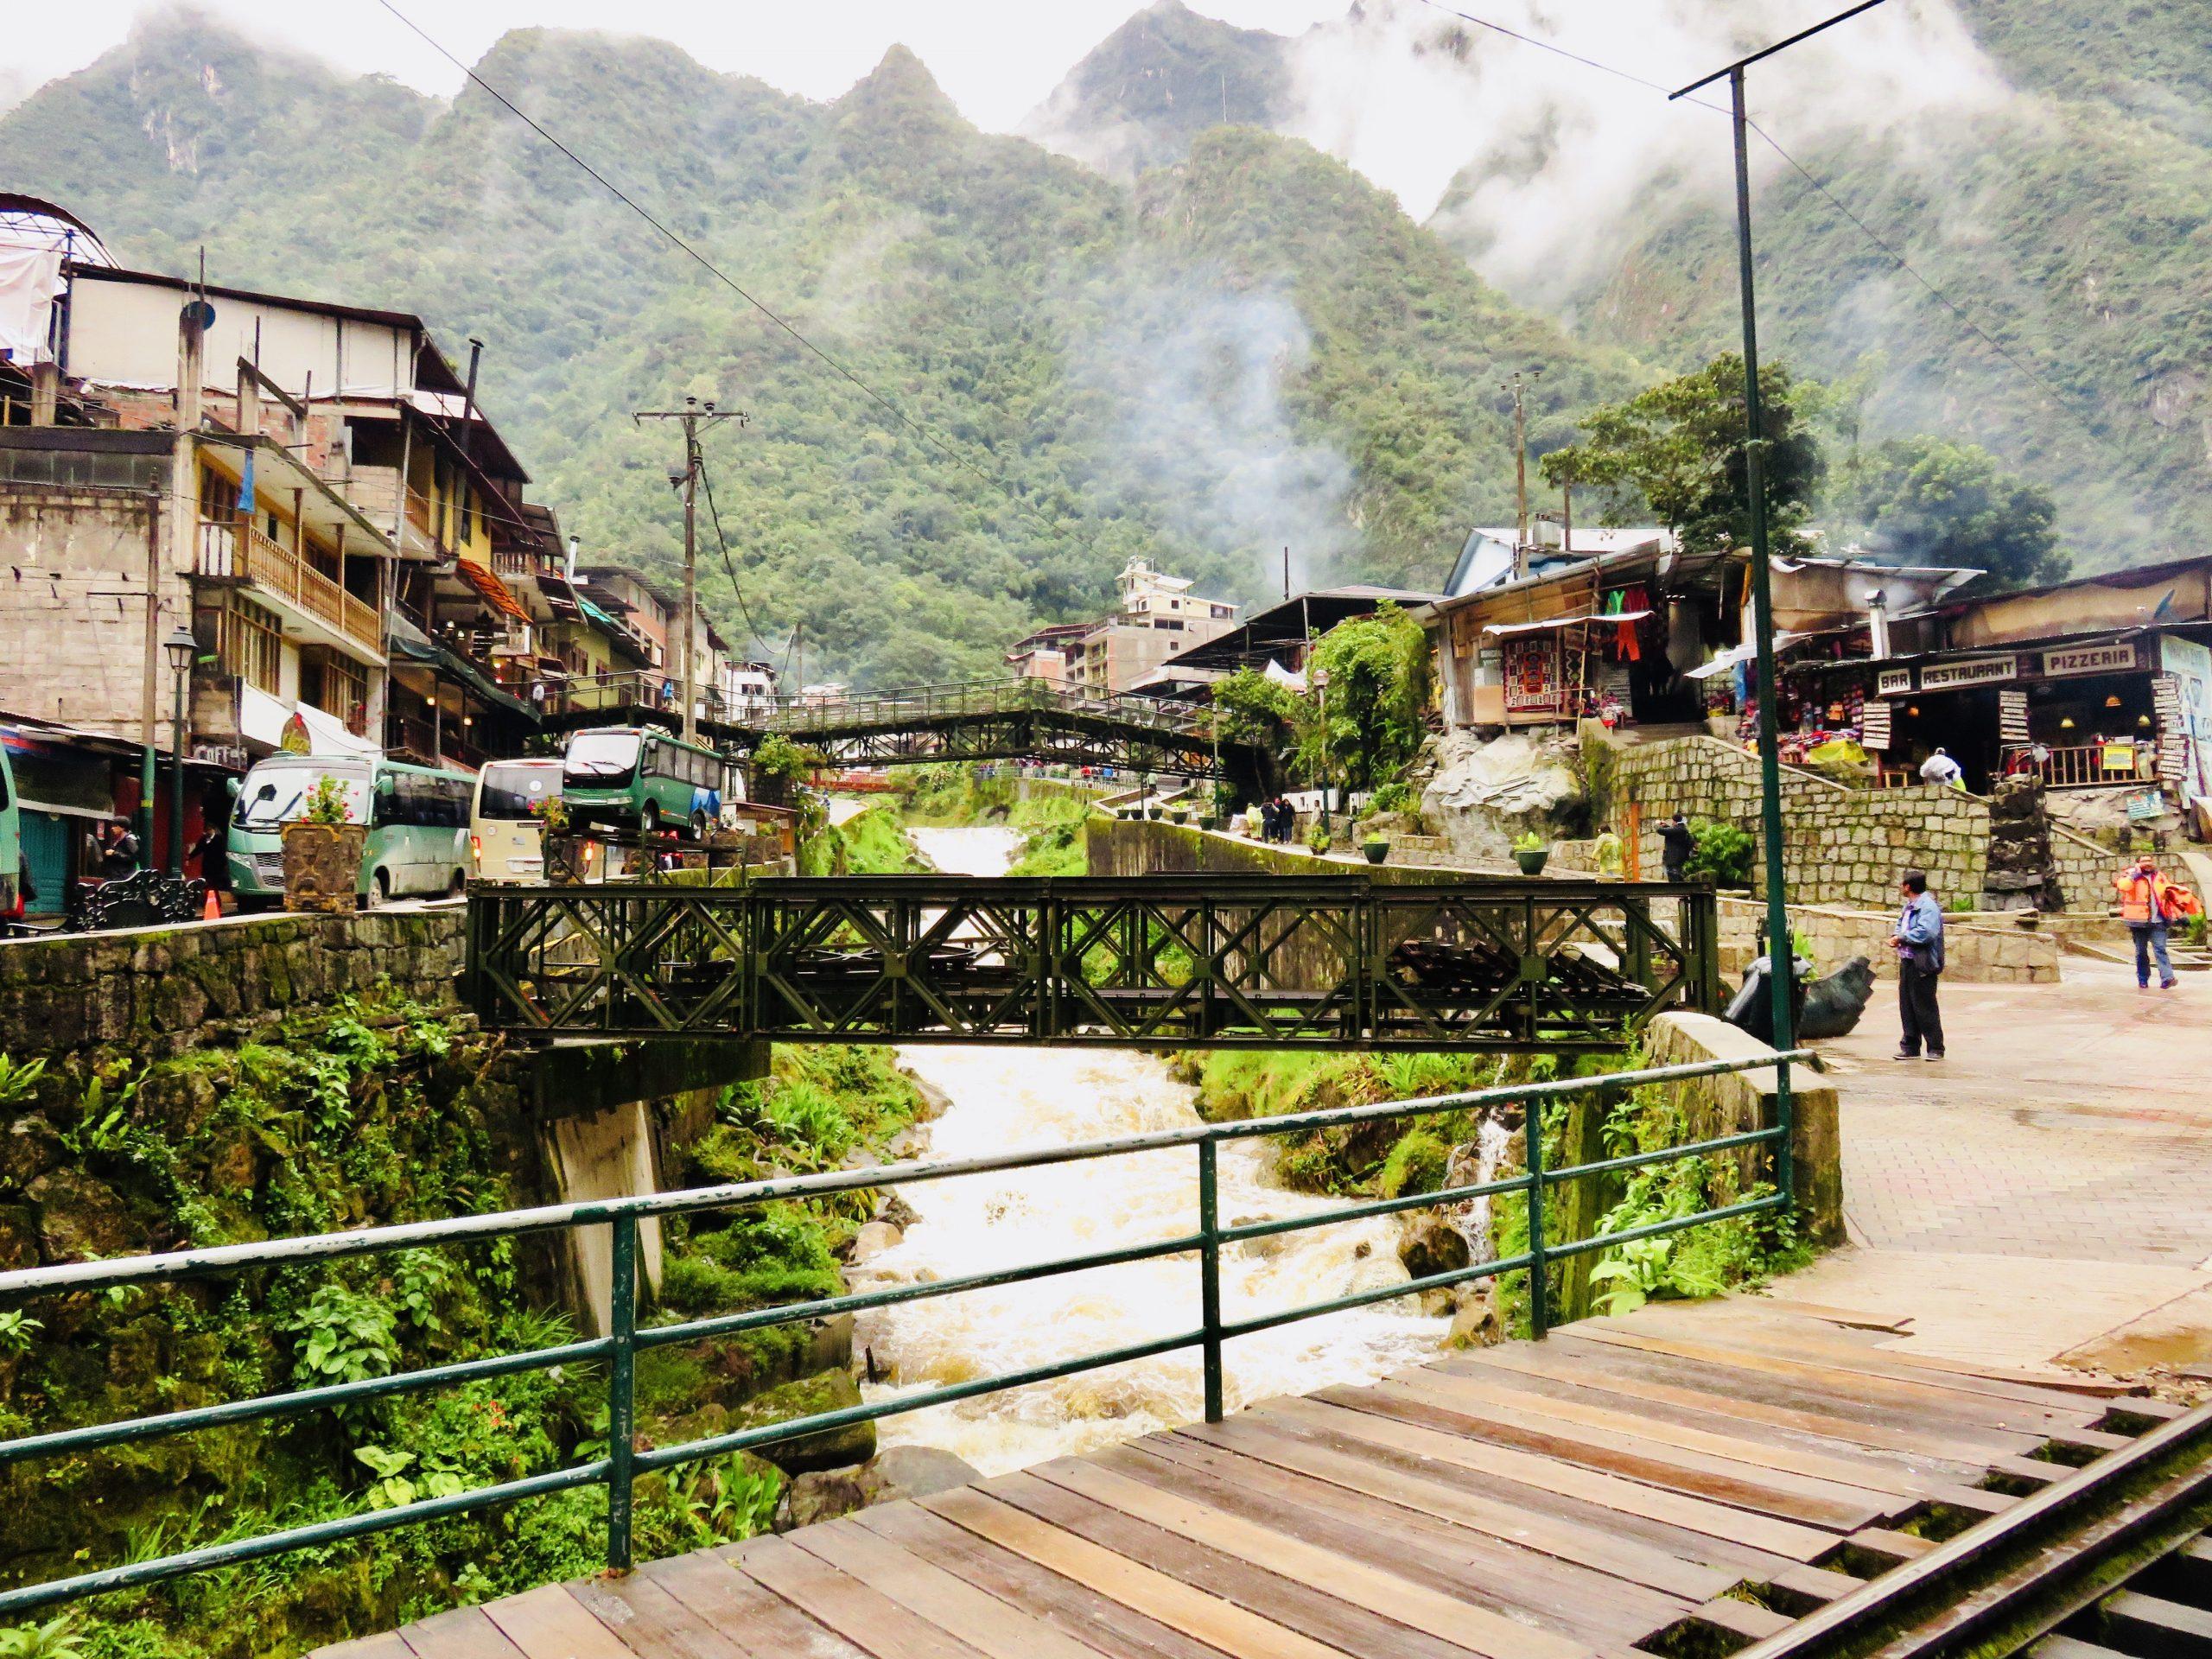 Town of Aguas Calientes Machu Picchu Peru, Travel Blog Peru